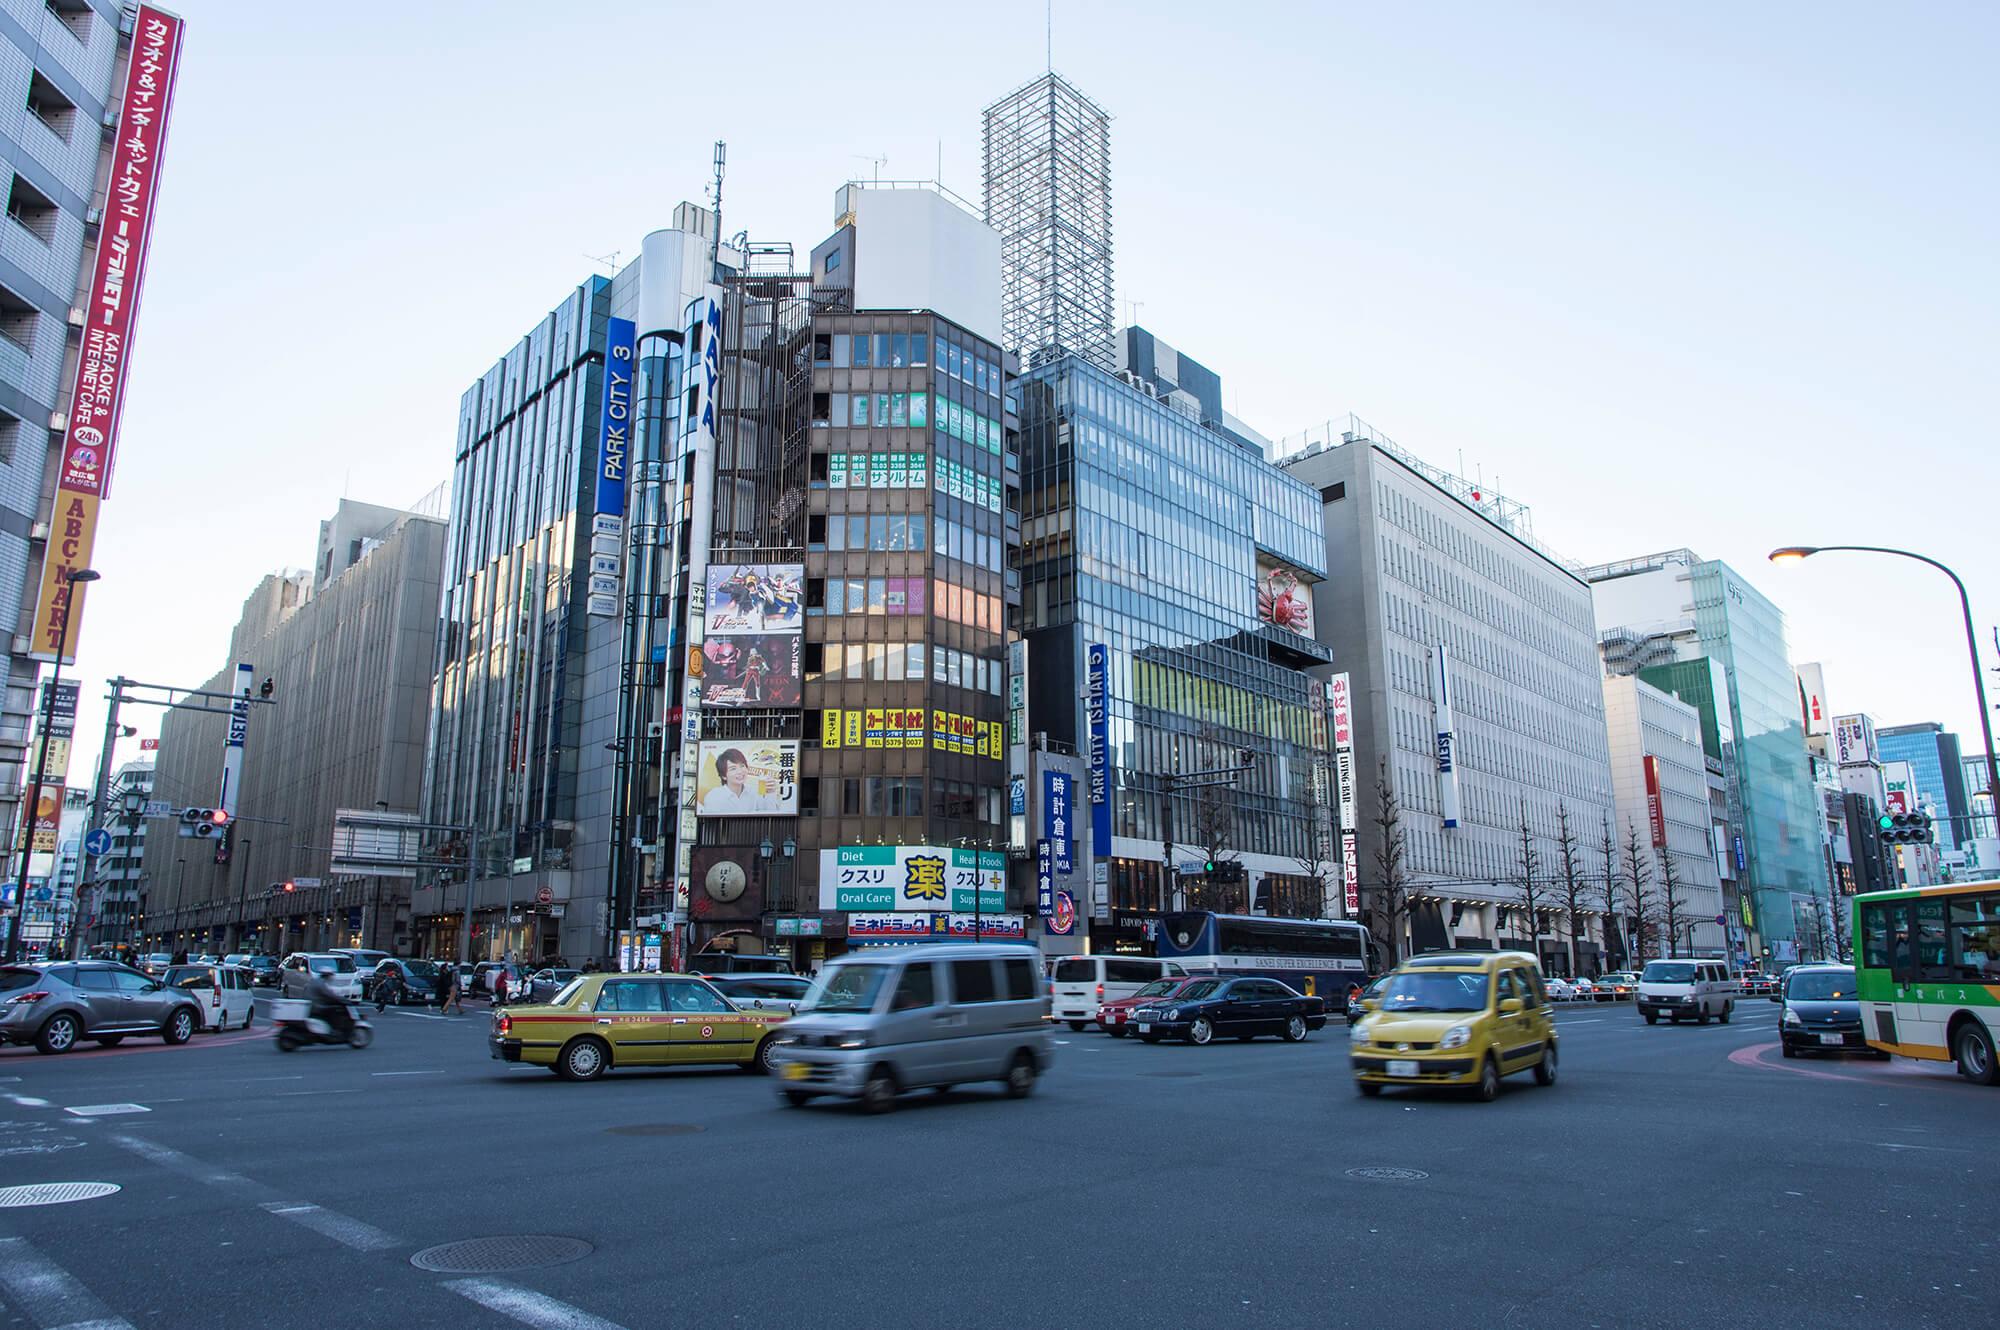 新宿(新宿区)で居抜きで飲食店を開業するための街情報